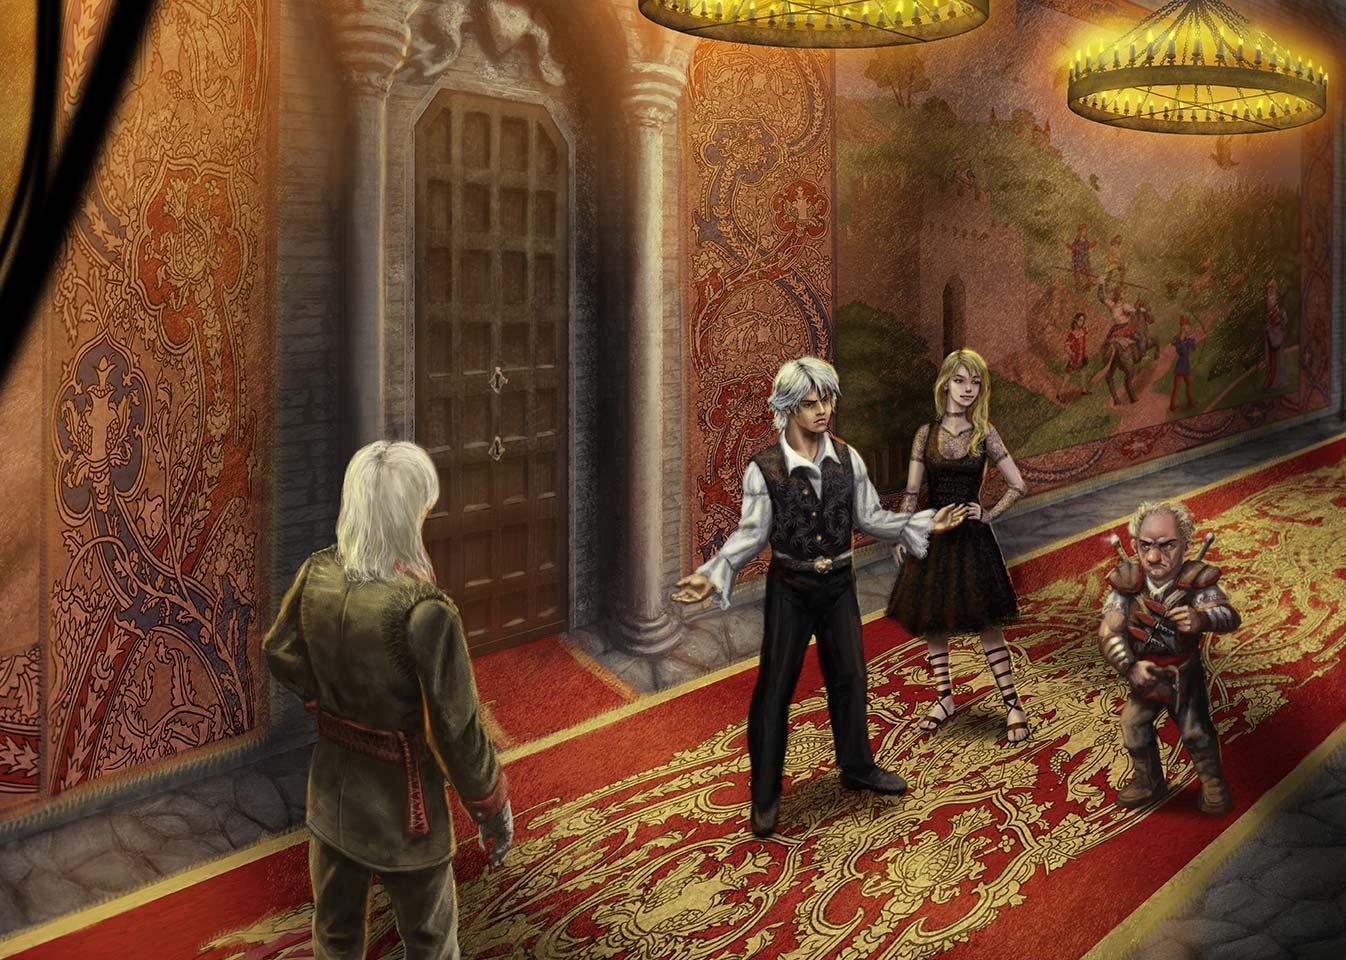 Immagine corridoio a Ilitra - Illustrazione fantasy tratta da Kiria - Le Cronache dei 5 Regni - Elvio Ravasio, autore di libri fantasy